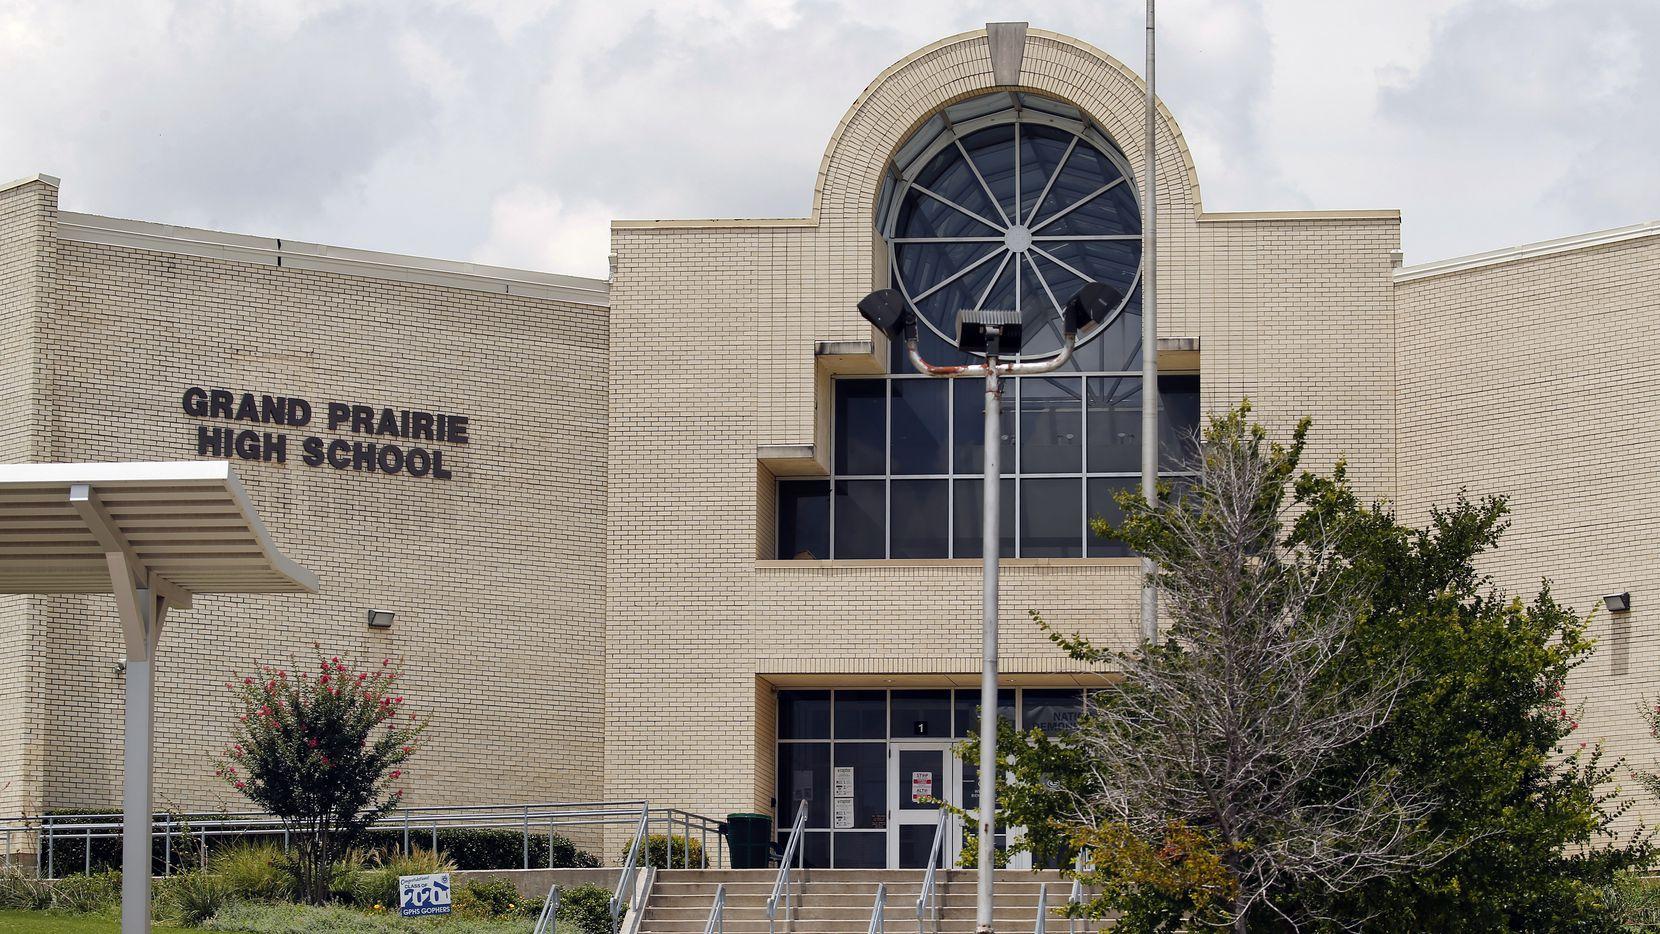 An exterior view of Grand Prairie High School in Grand Prairie, Texas, Thursday, June 25, 2020.